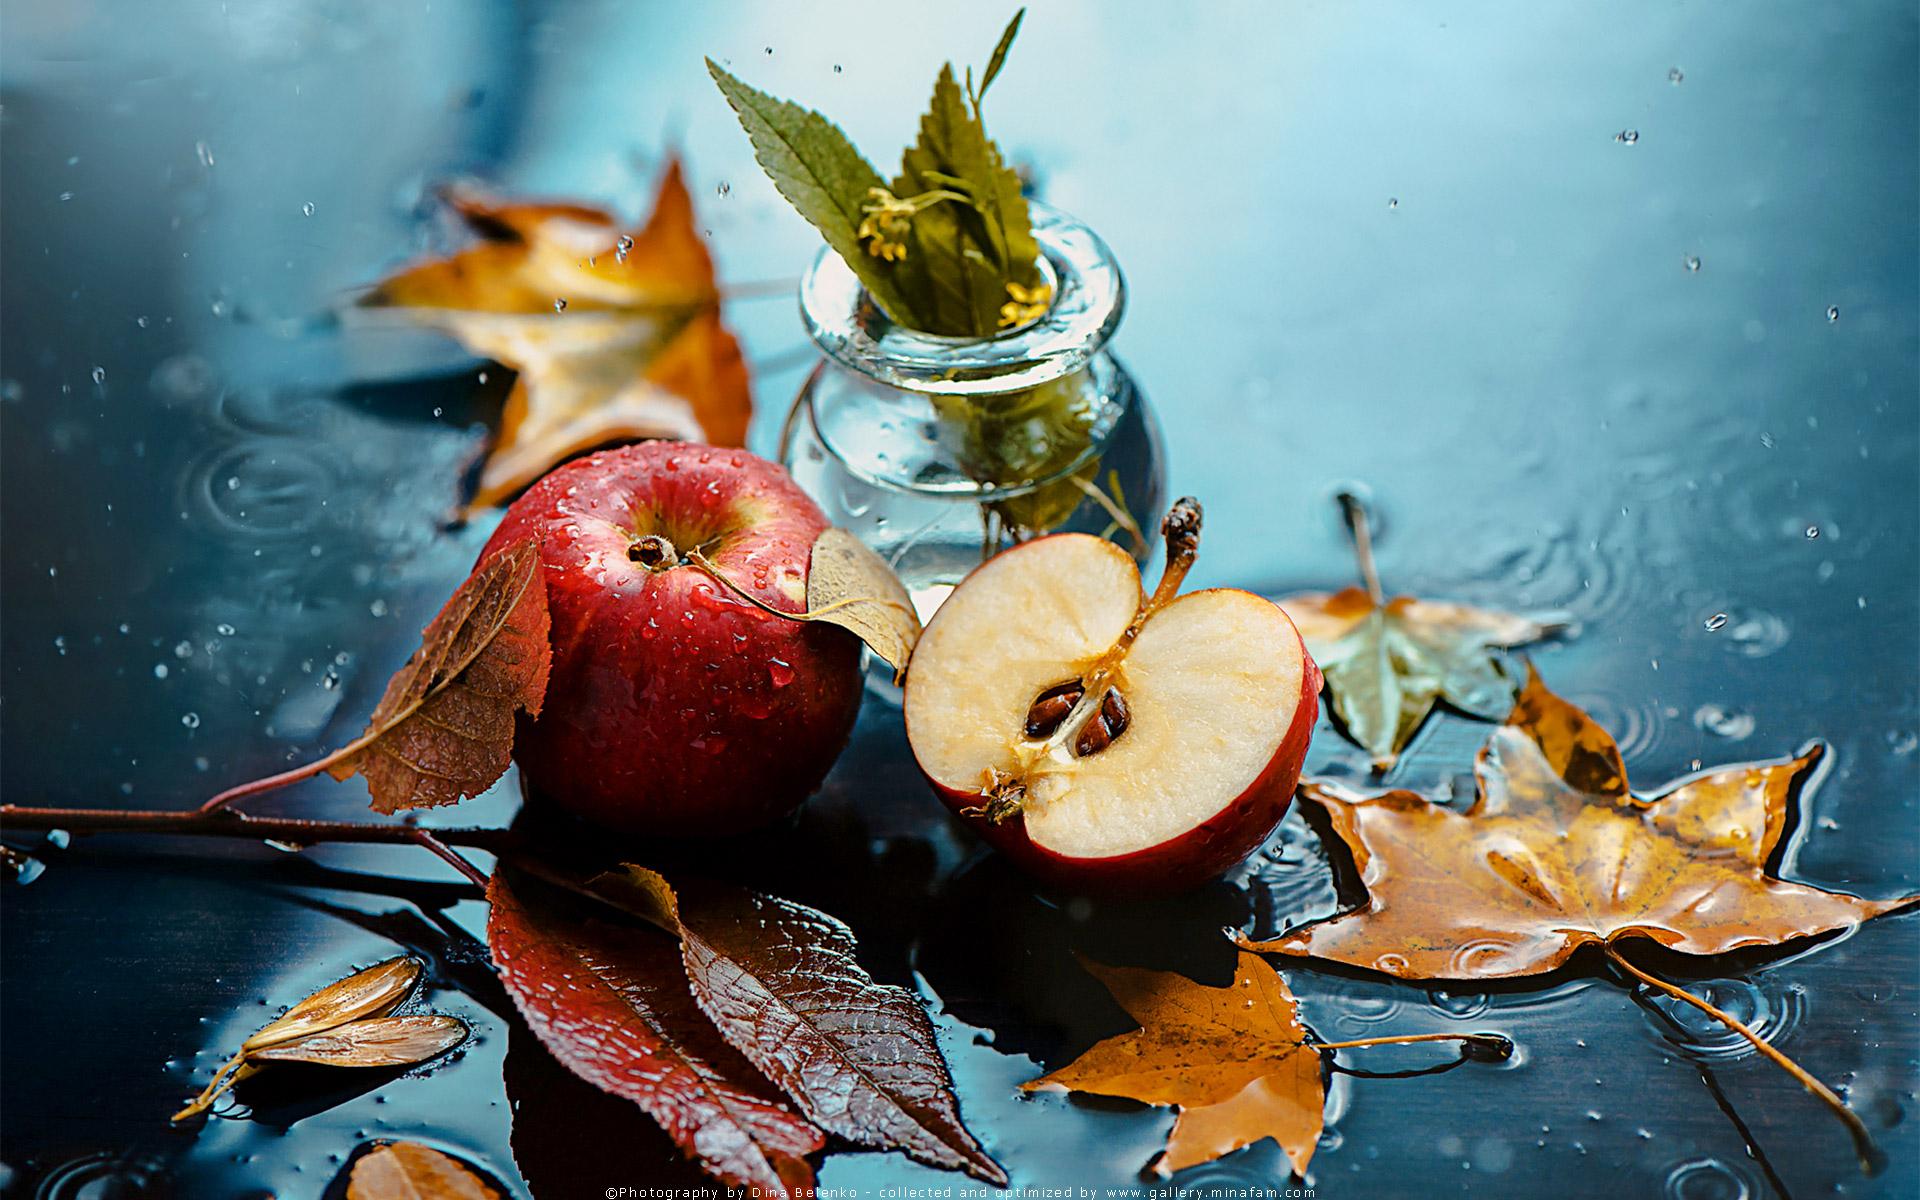 با مصرف روزی 2 عدد از این میوه با کلسترول خداحافظی کنید